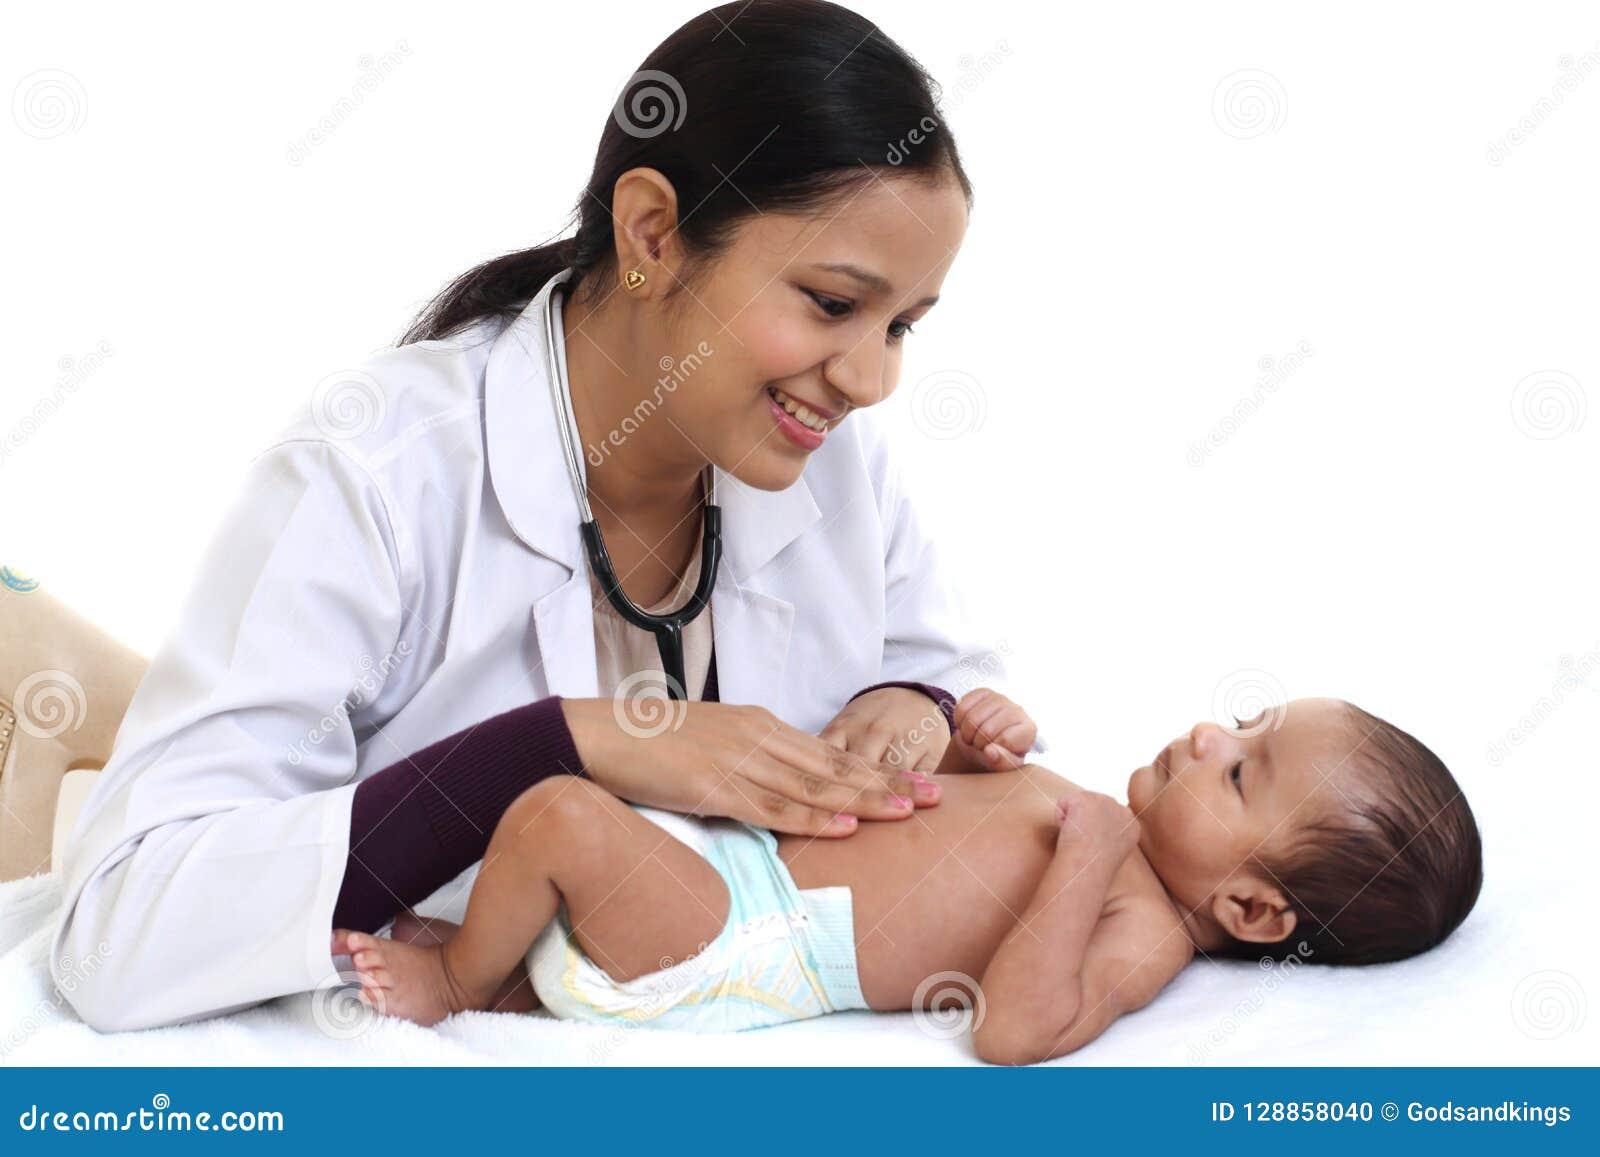 Pédiatre féminin examiner le bébé nouveau-né